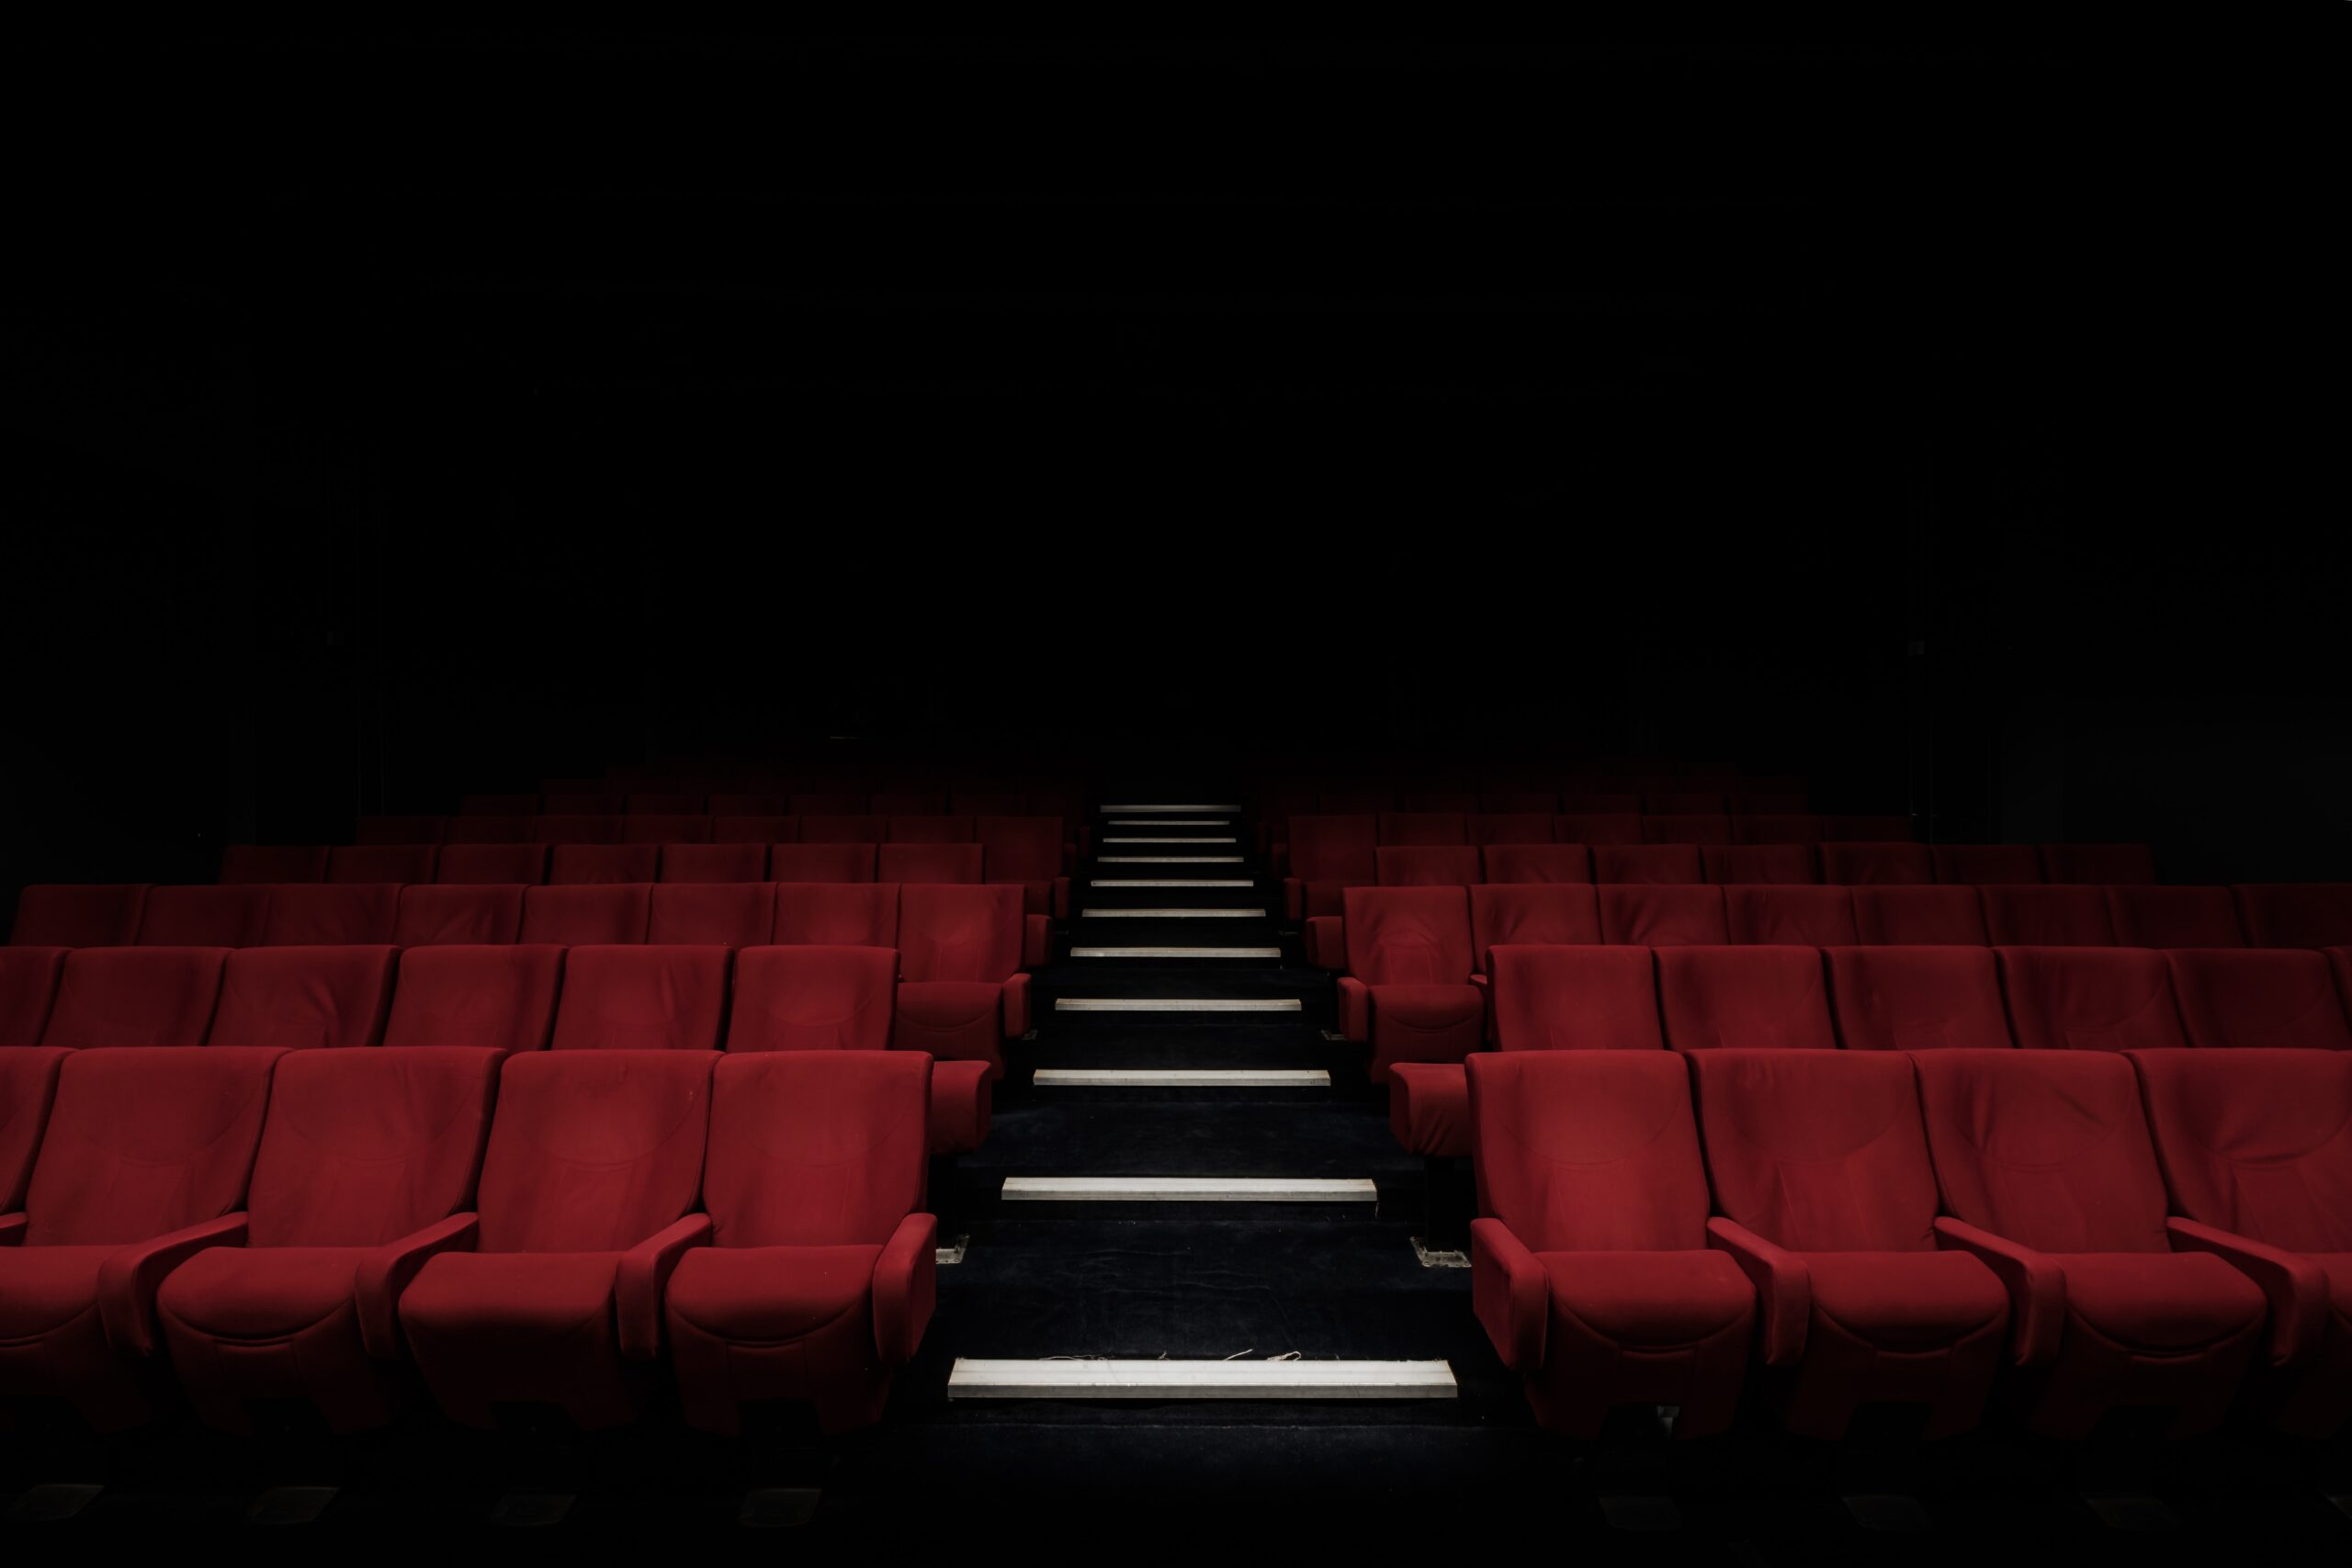 www.hometheaterforum.com